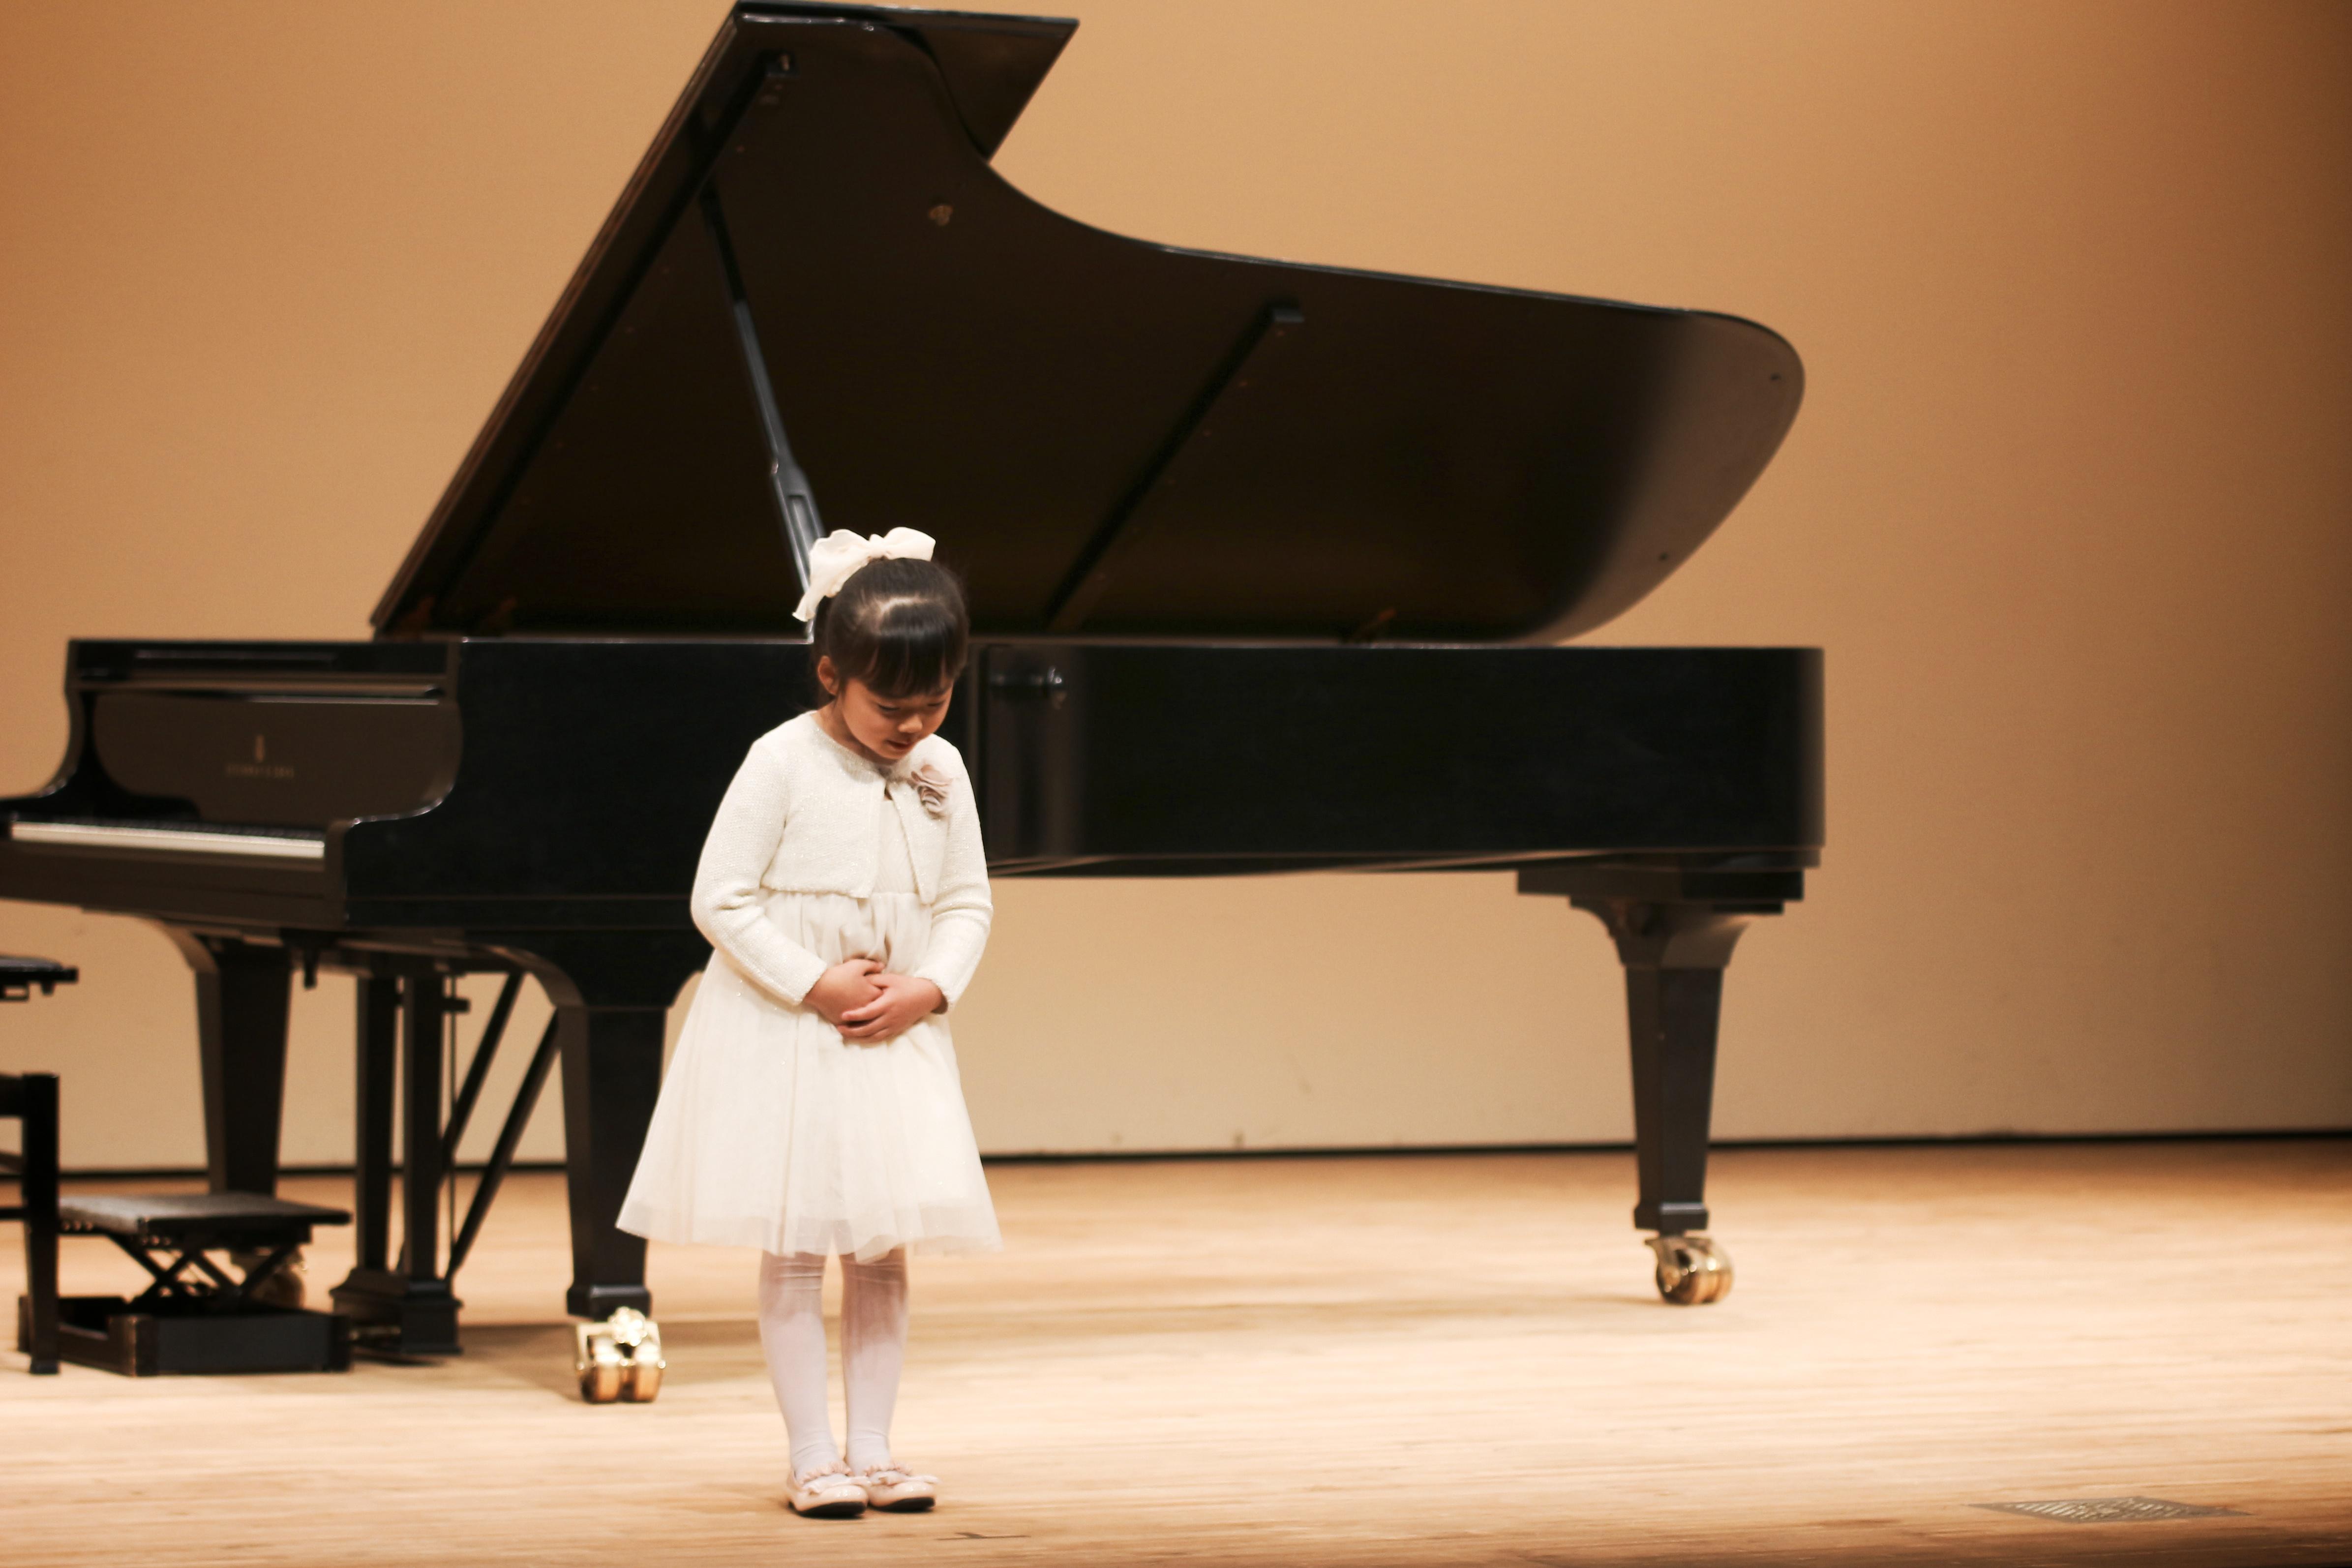 ピアノ 発表会 衣装 女の子 4